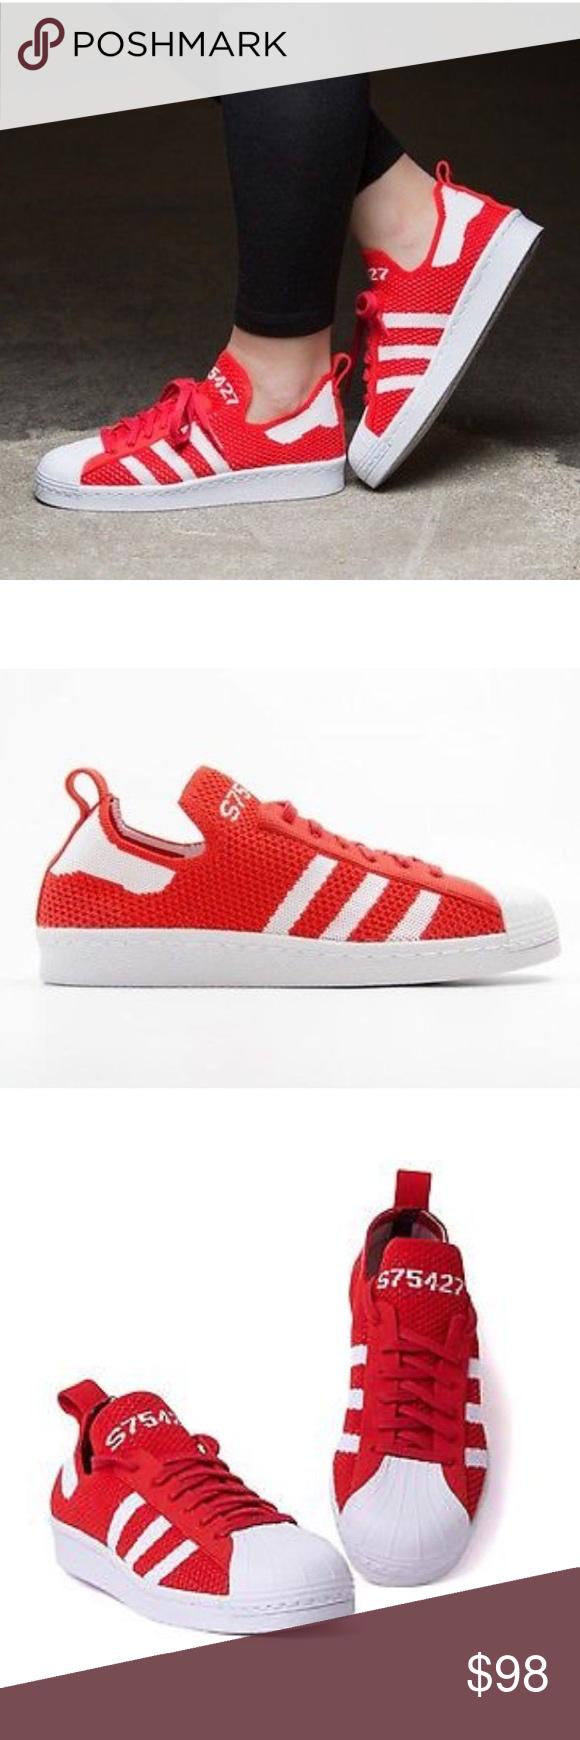 Zapatillas Cheap Adidas Superstar Vulc Super en Mercado